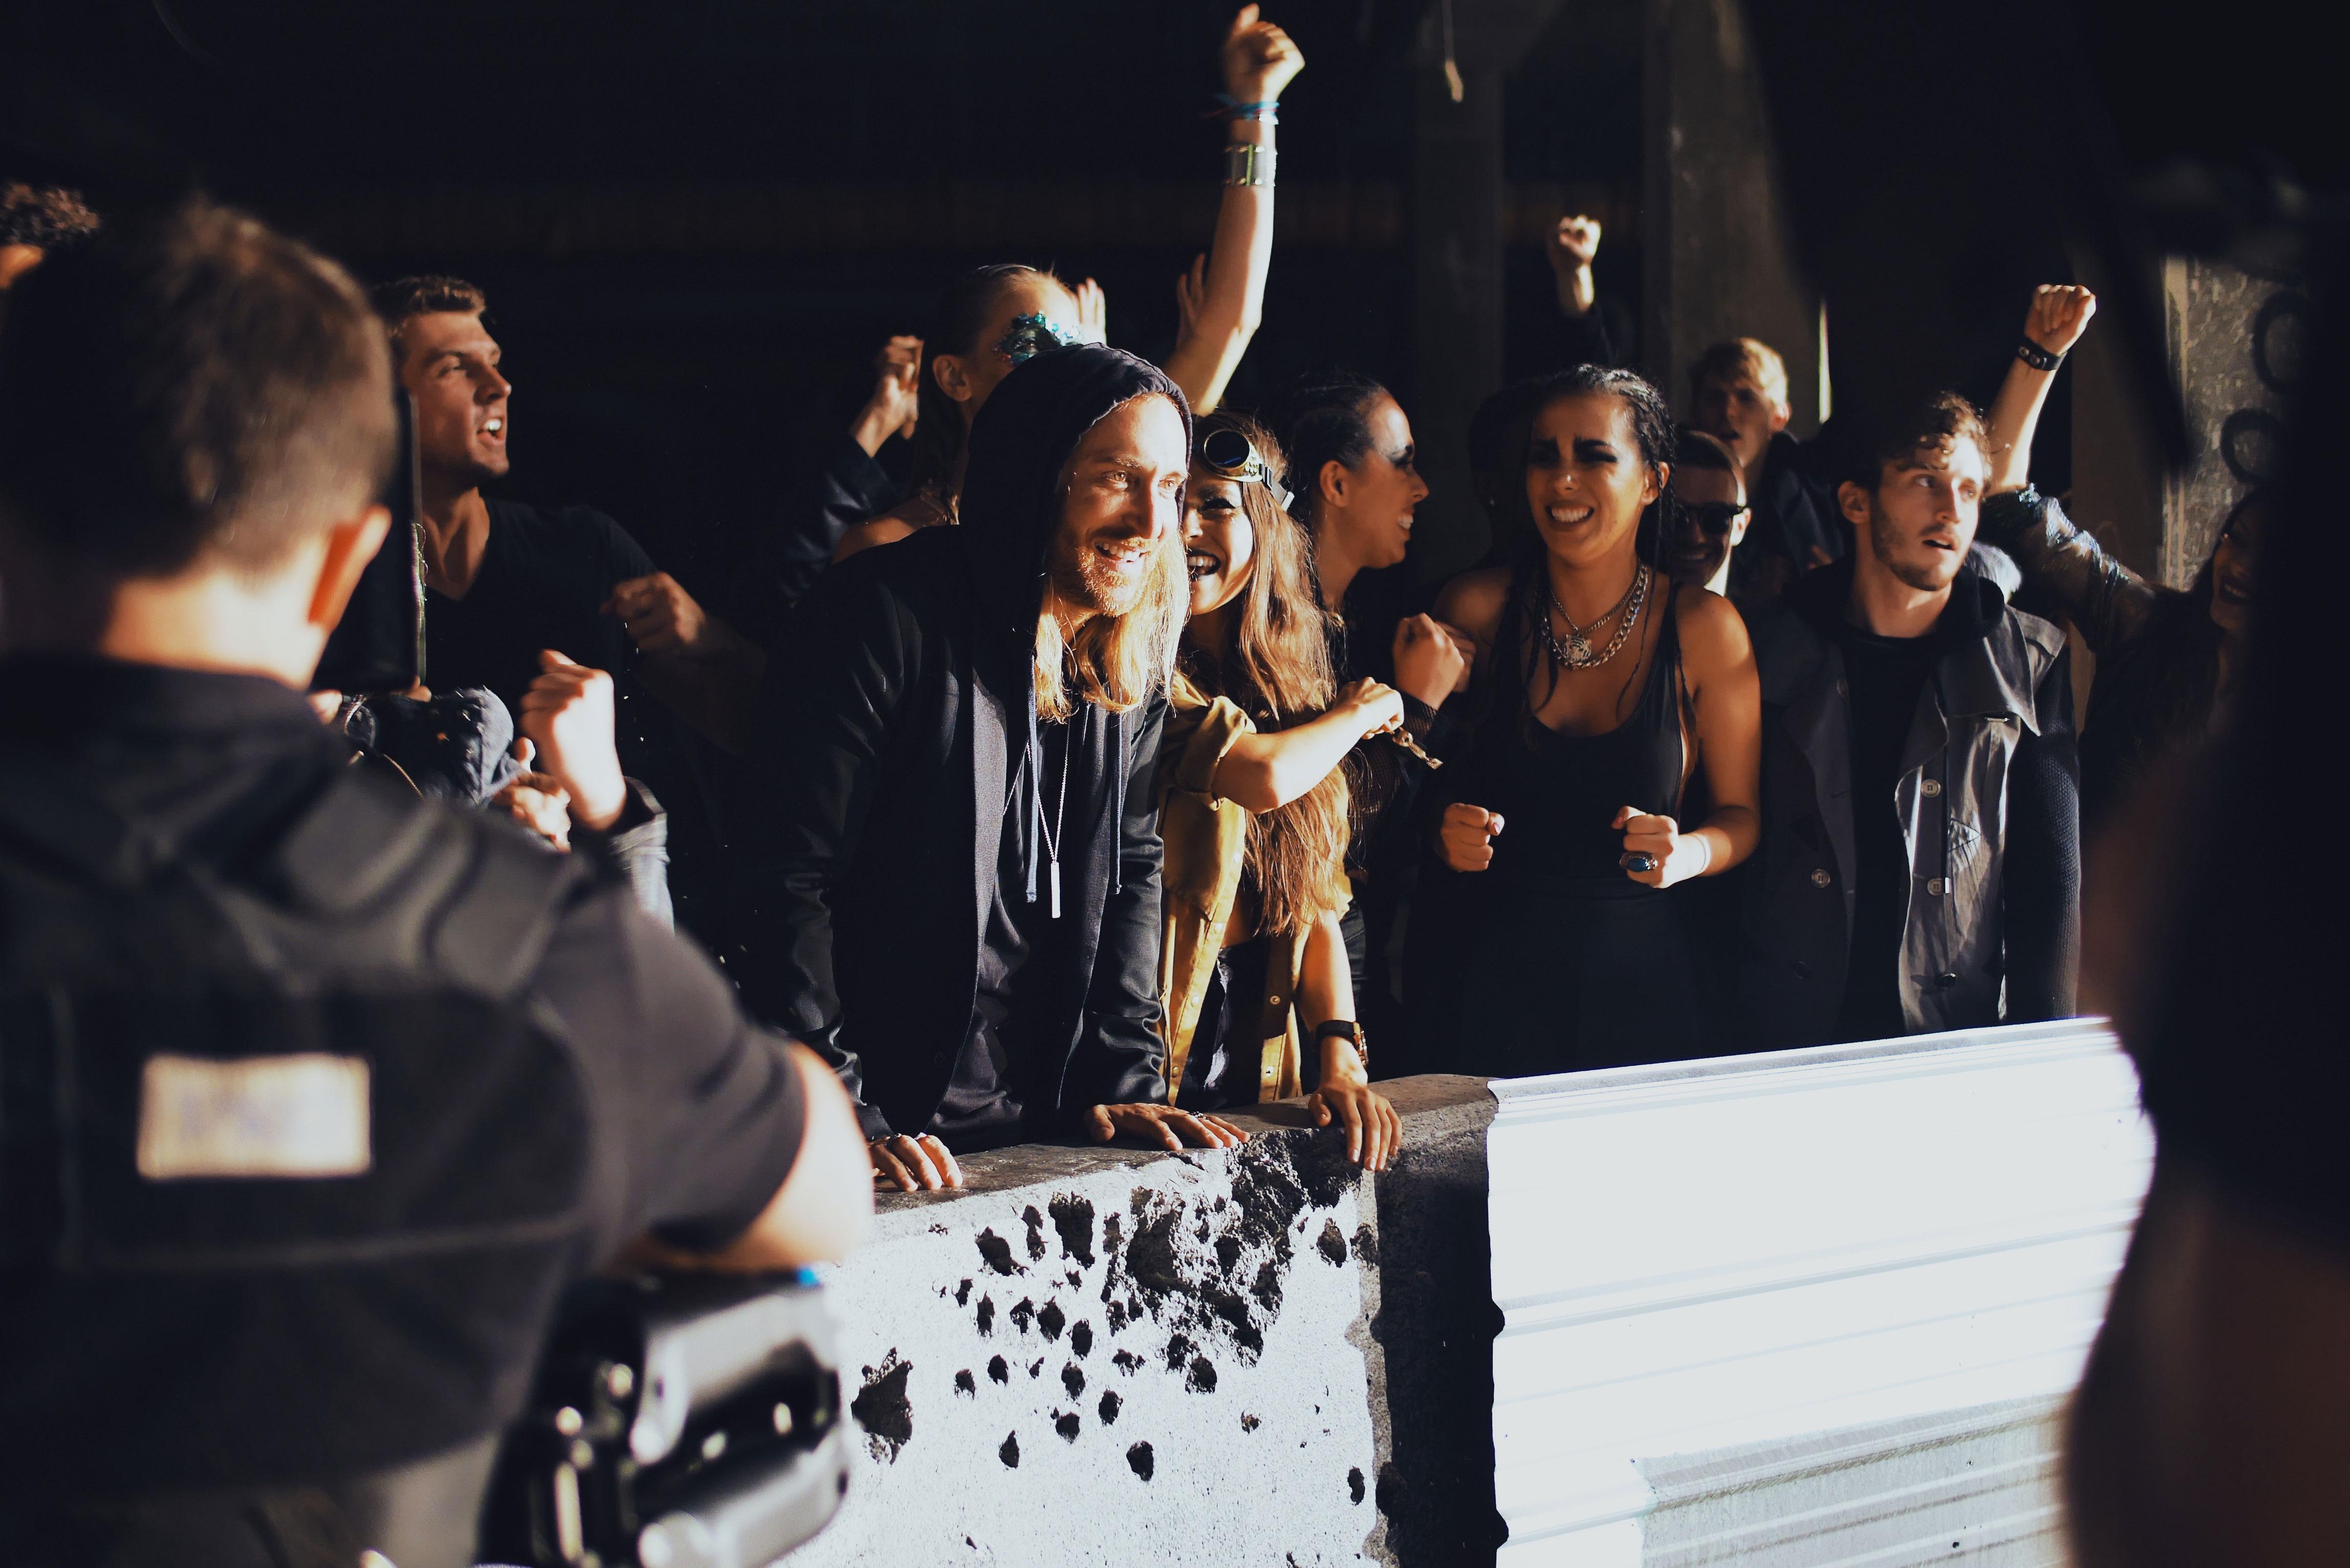 DIETRO LE QUINTE DEL NUOVO VIDEO DI DAVID GUETTA